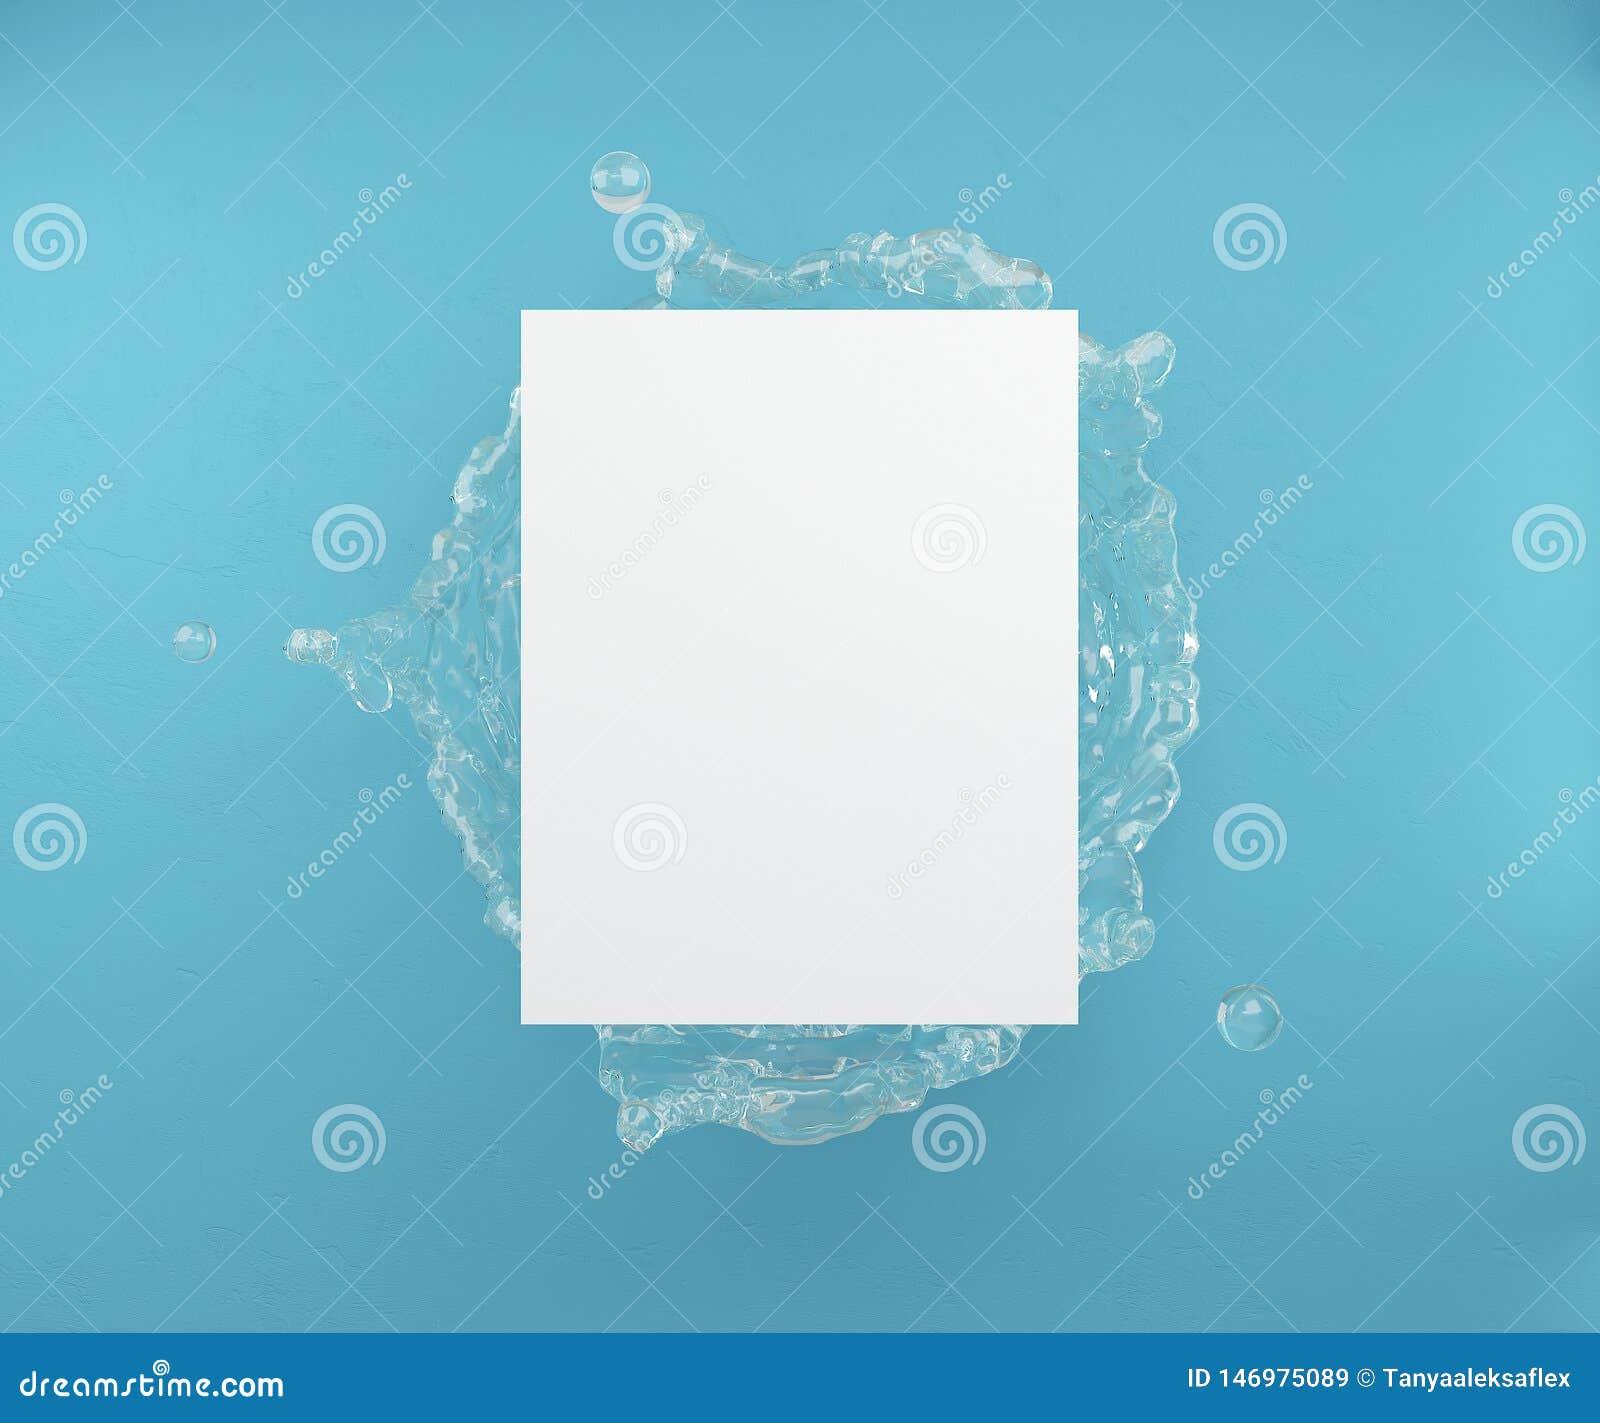 Falskt upp för affisch eller annonsering Ett tomt ark p? bakgrunden av palmblad och bl?a v?ggar framf?rande 3d